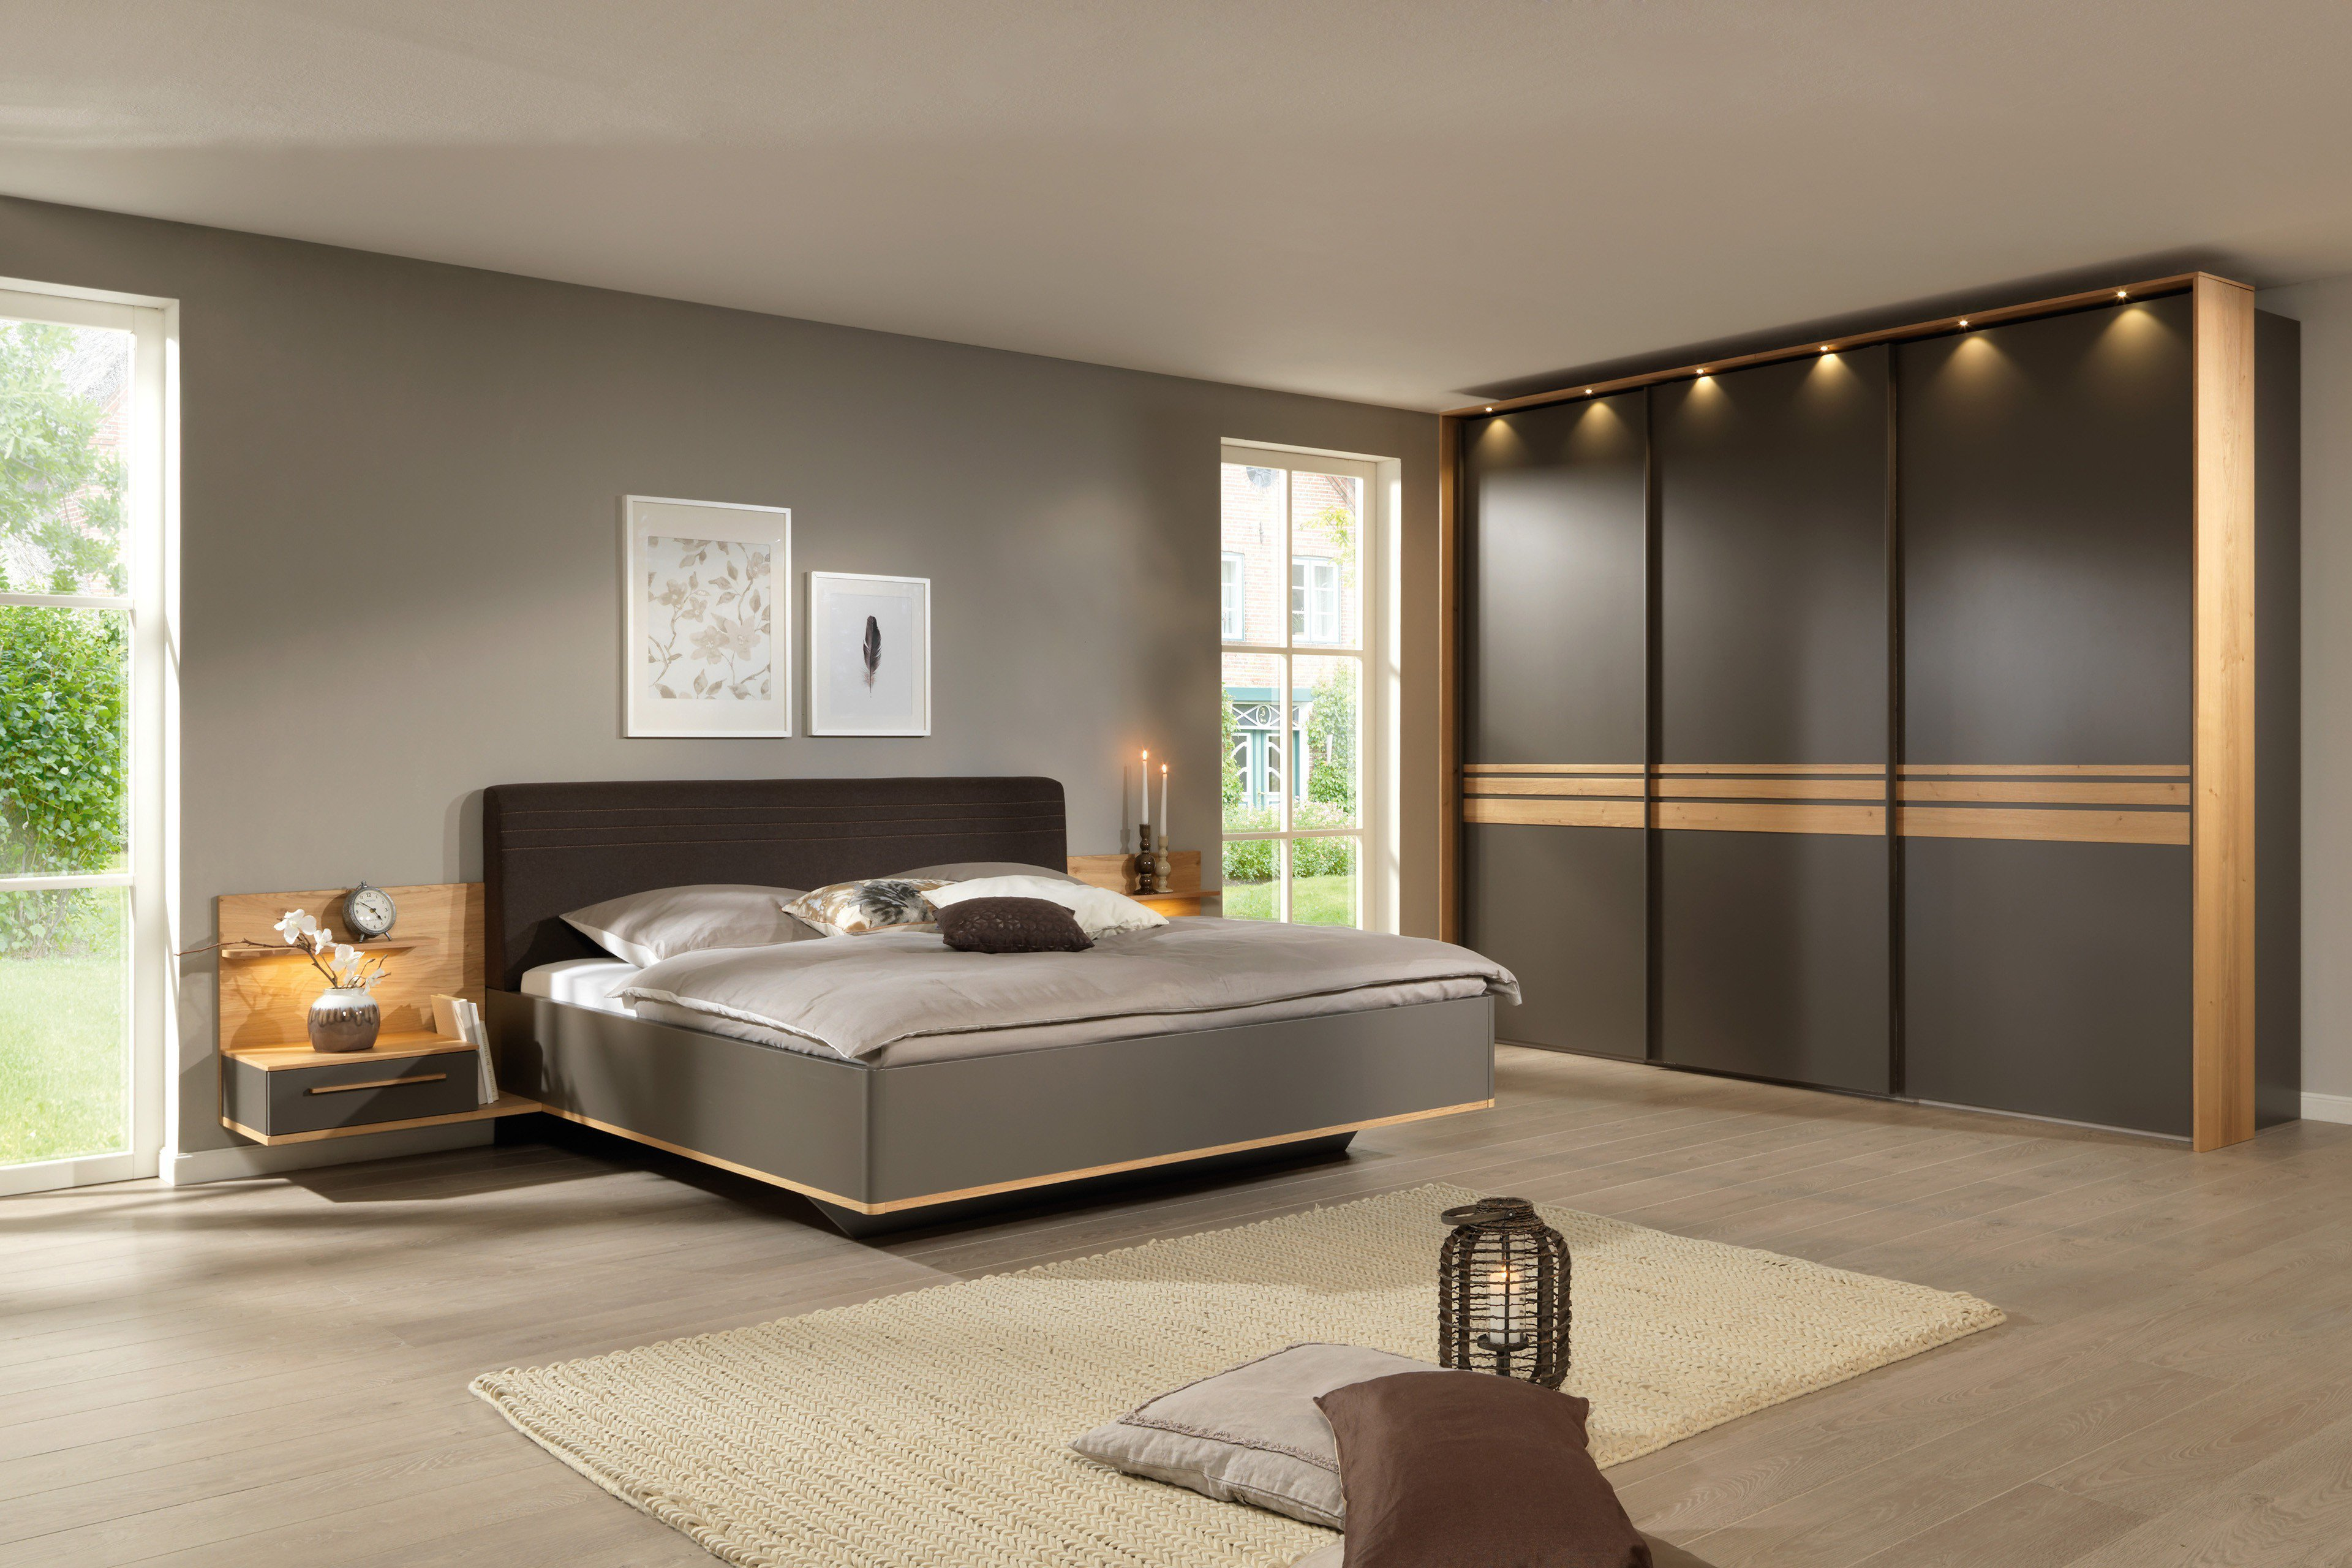 welle natura schlafzimmer lava matt mit eichenholz m bel letz ihr online shop. Black Bedroom Furniture Sets. Home Design Ideas